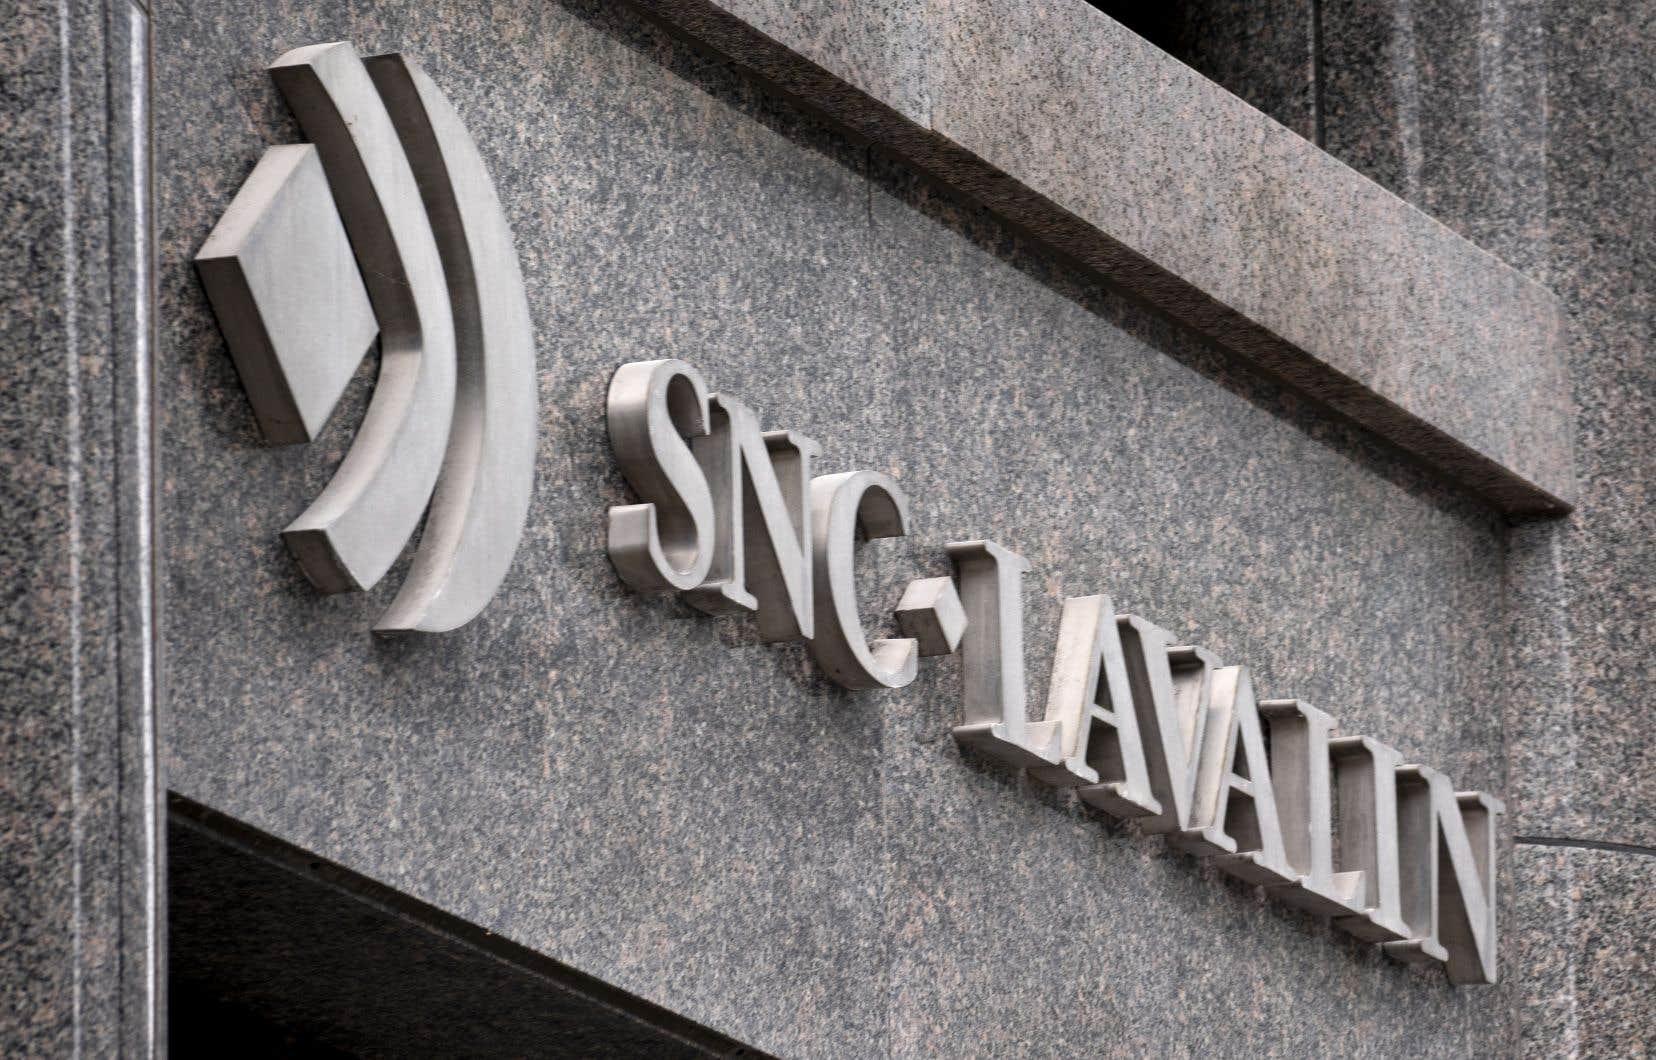 L'entreprise fait face à un procès pour corruption au Canada.